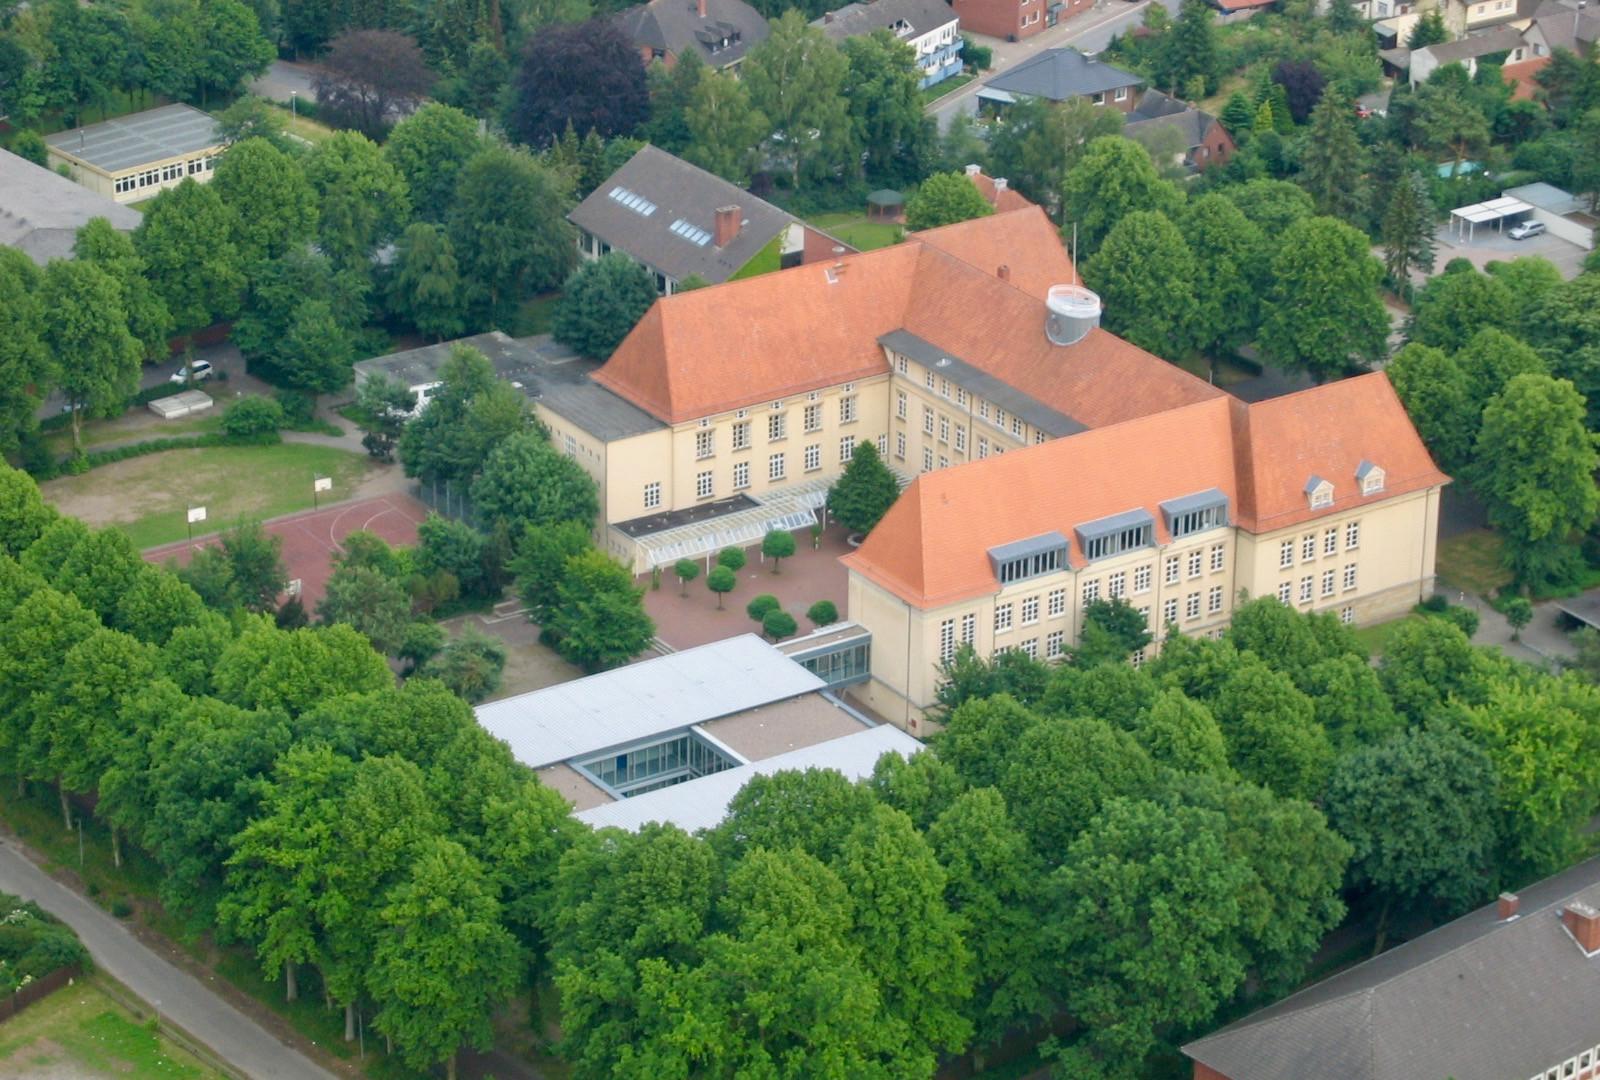 Clemens August Gymnasium